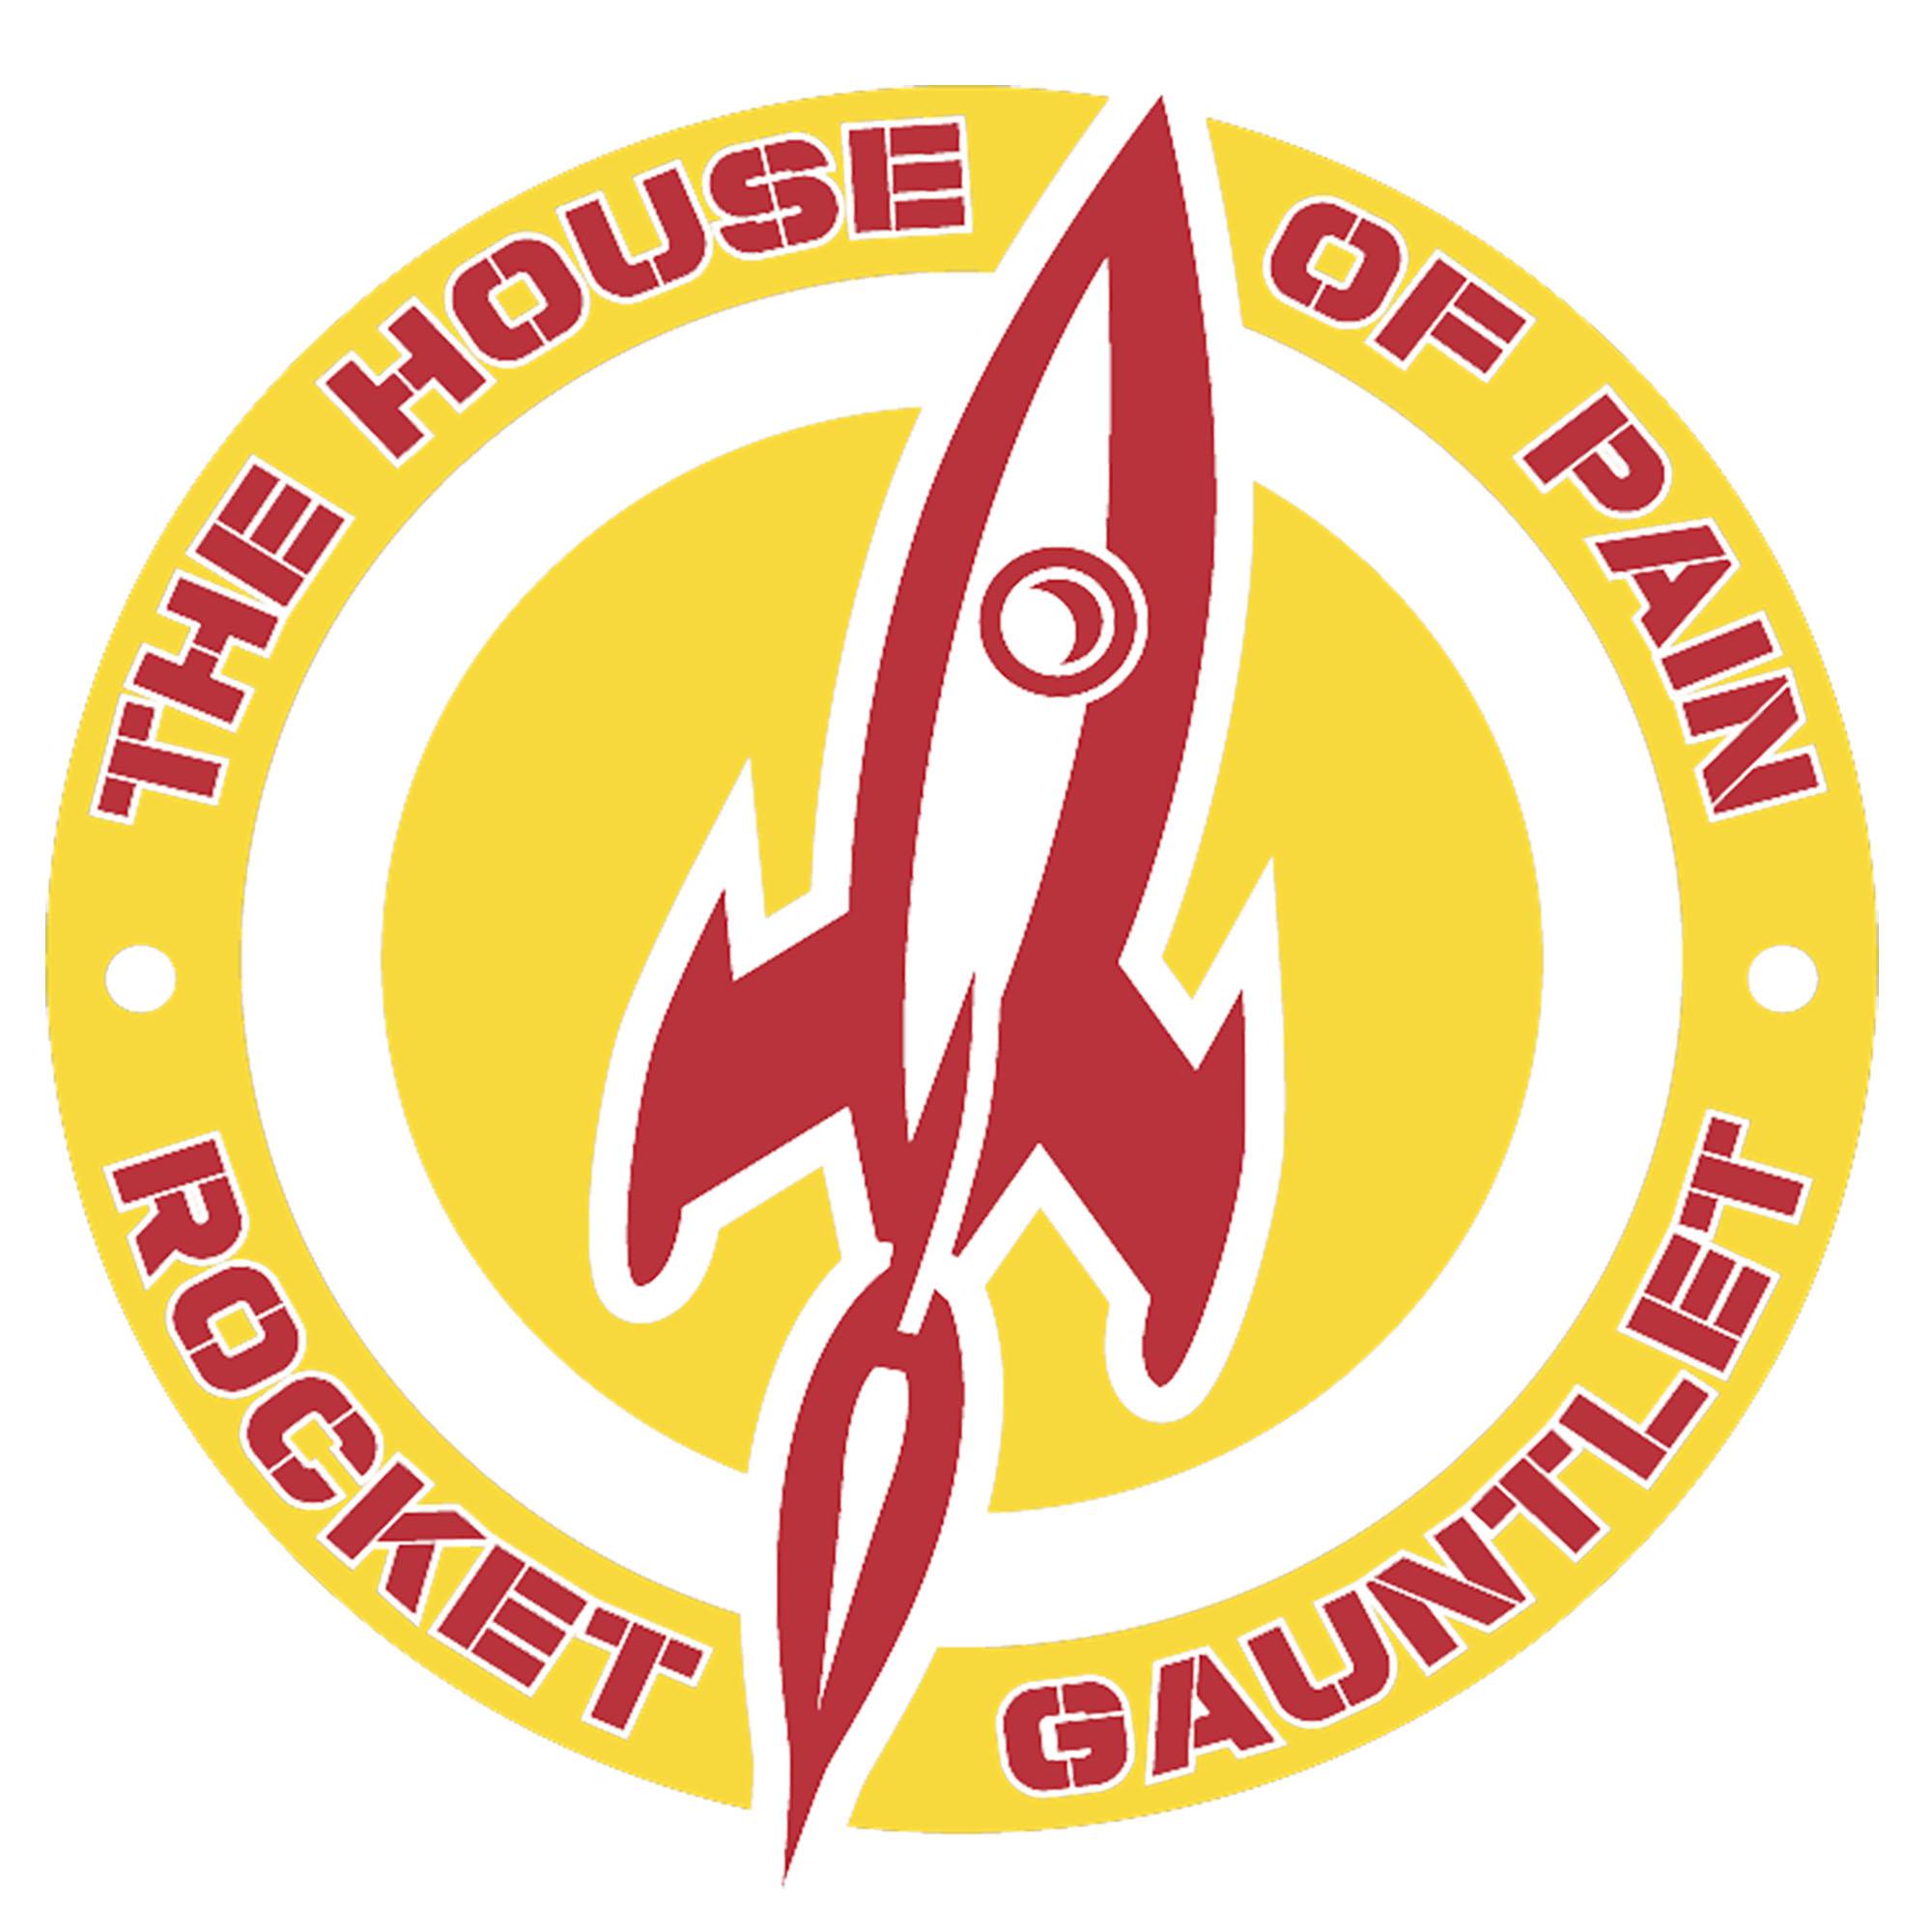 The Rocket Gauntlet